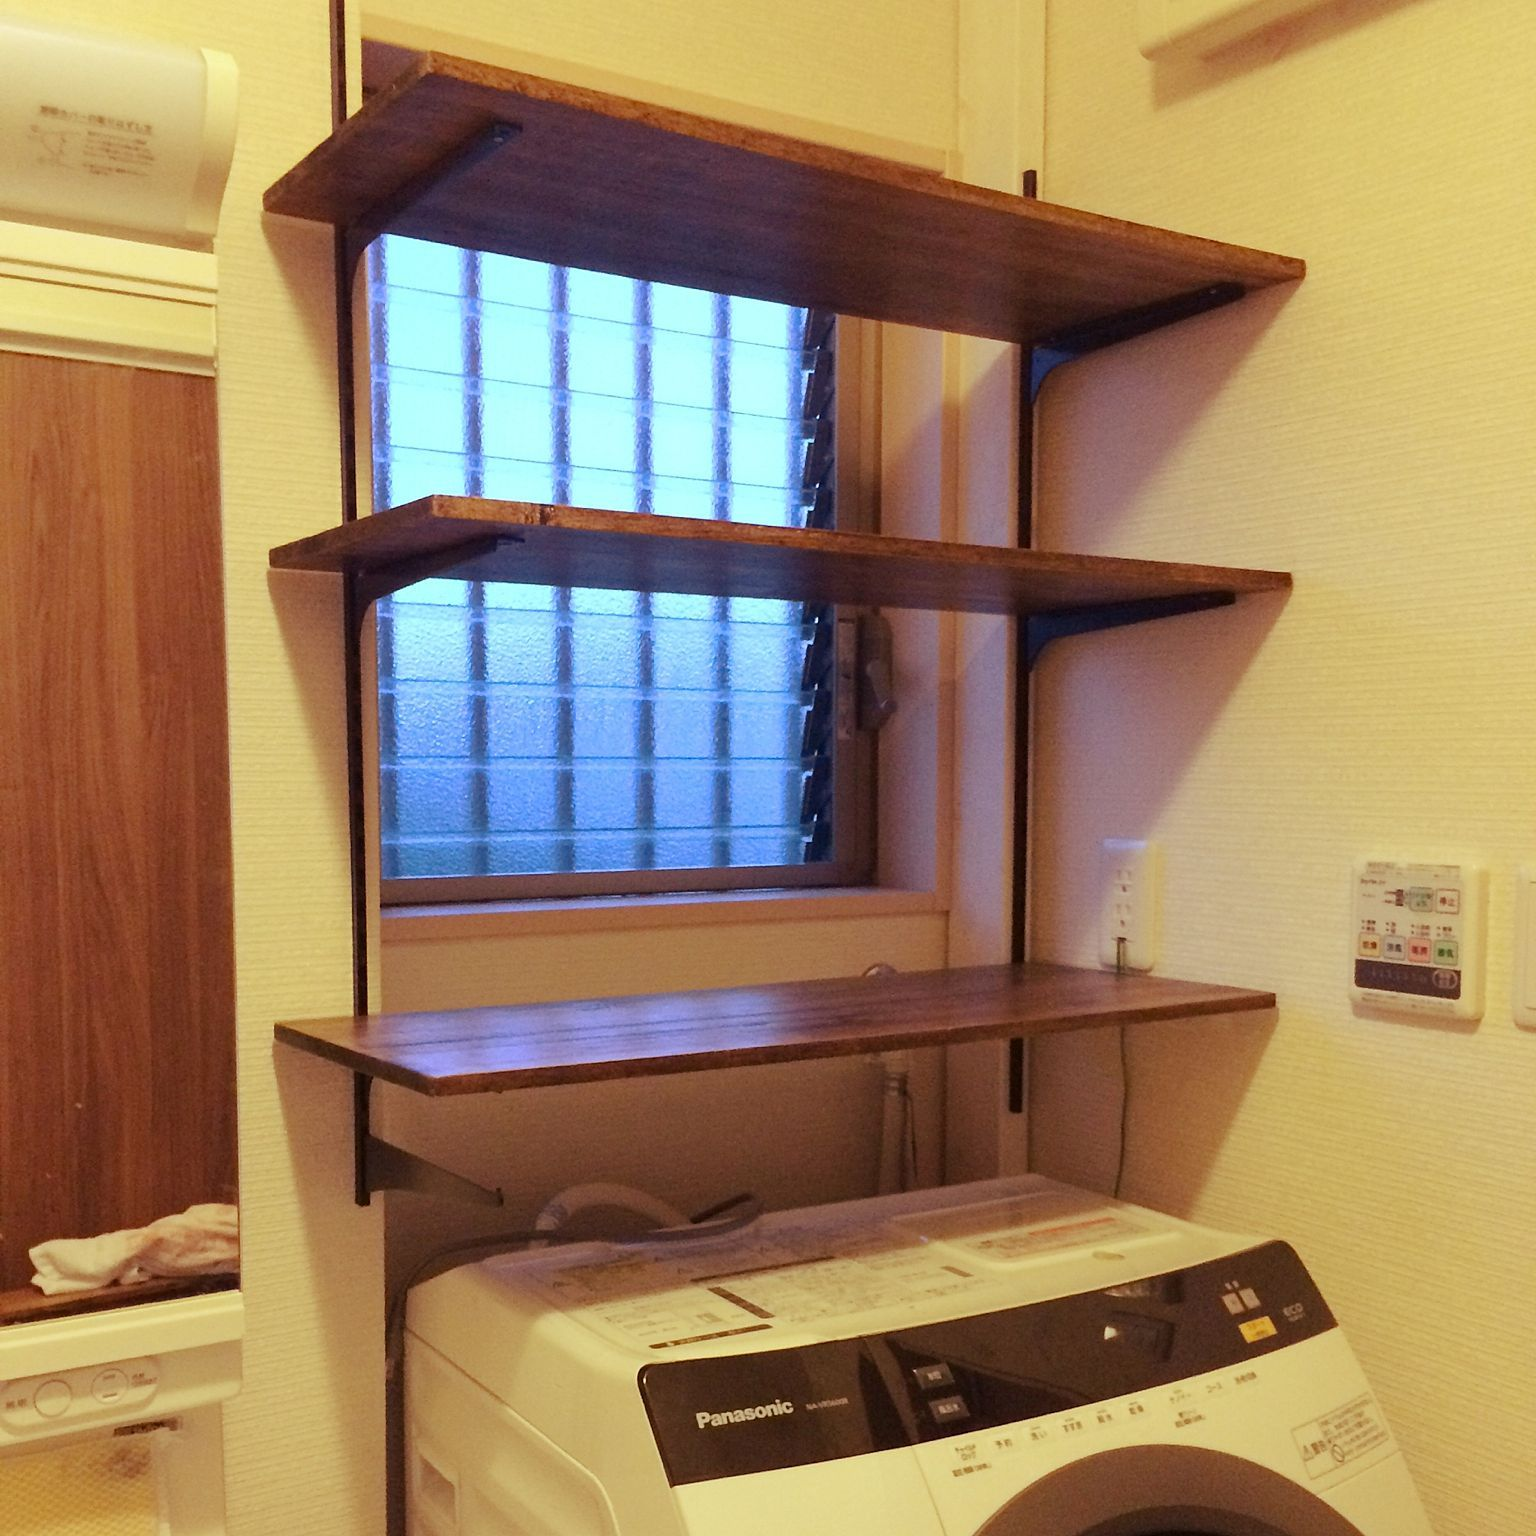 洗濯機上を有効活用する収納アイデア48選 収納 アイデア 洗濯機上